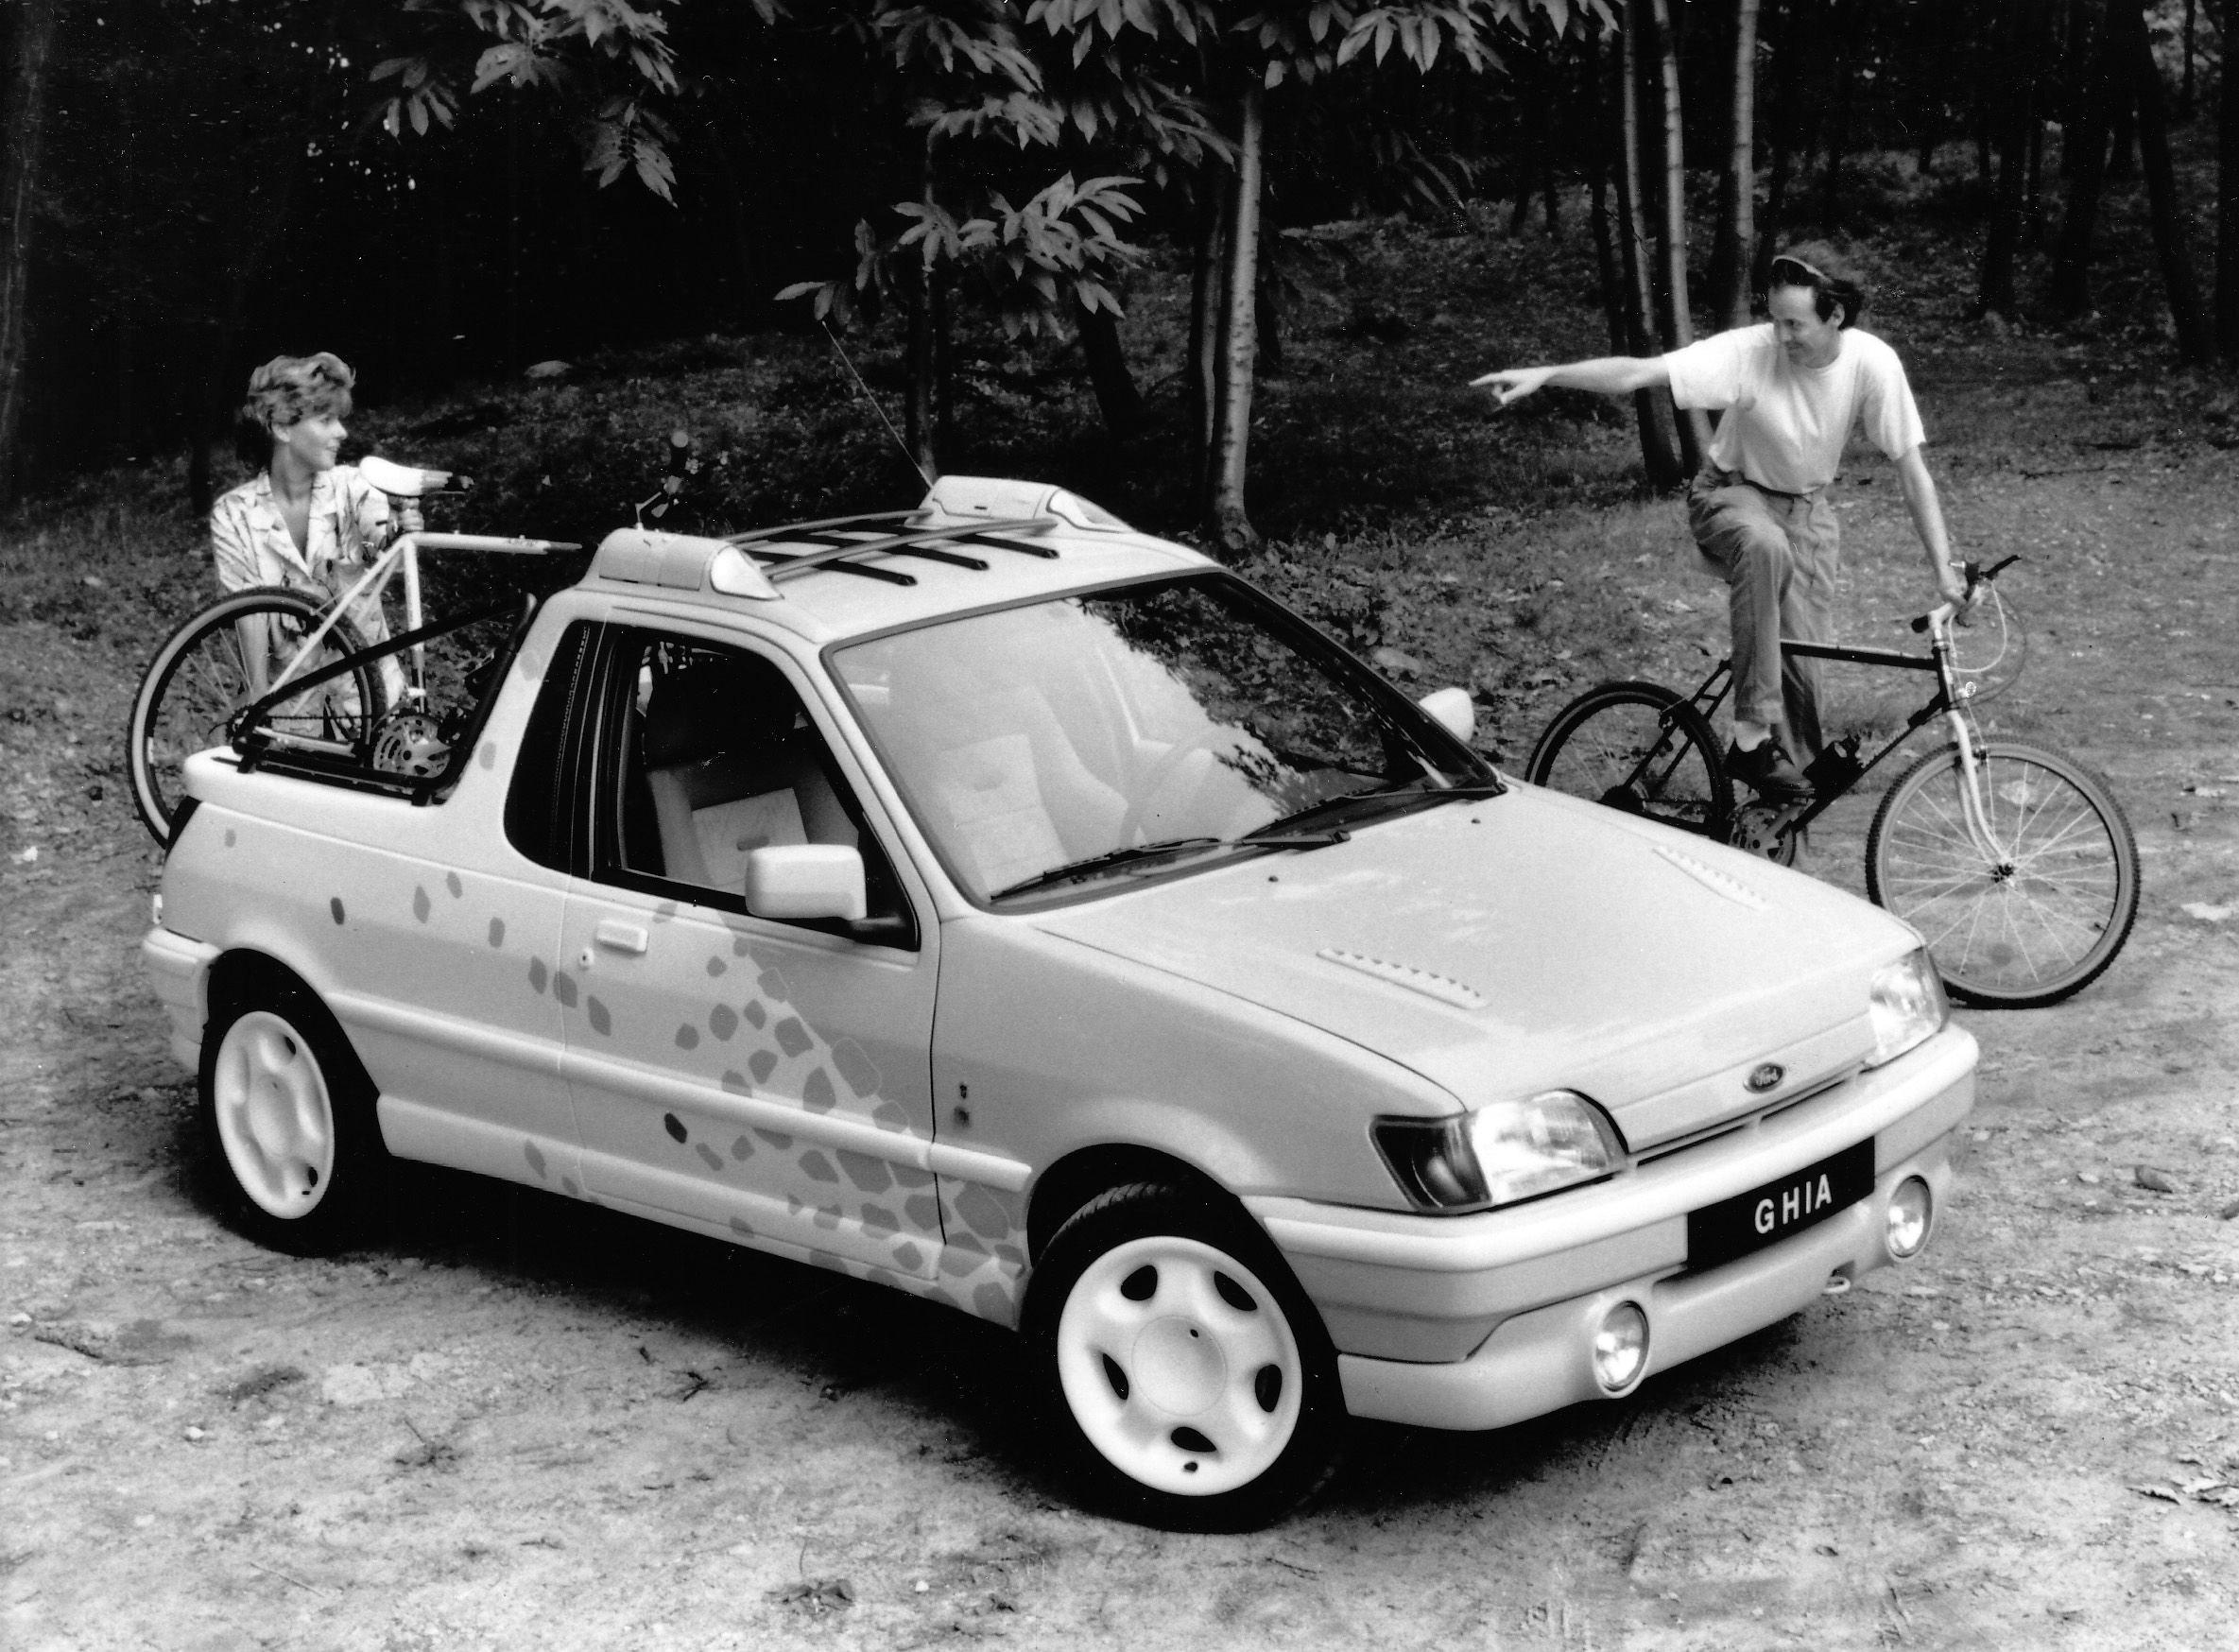 1989-Ghia-Ford-Fiesta-Bebop-Prototype-01